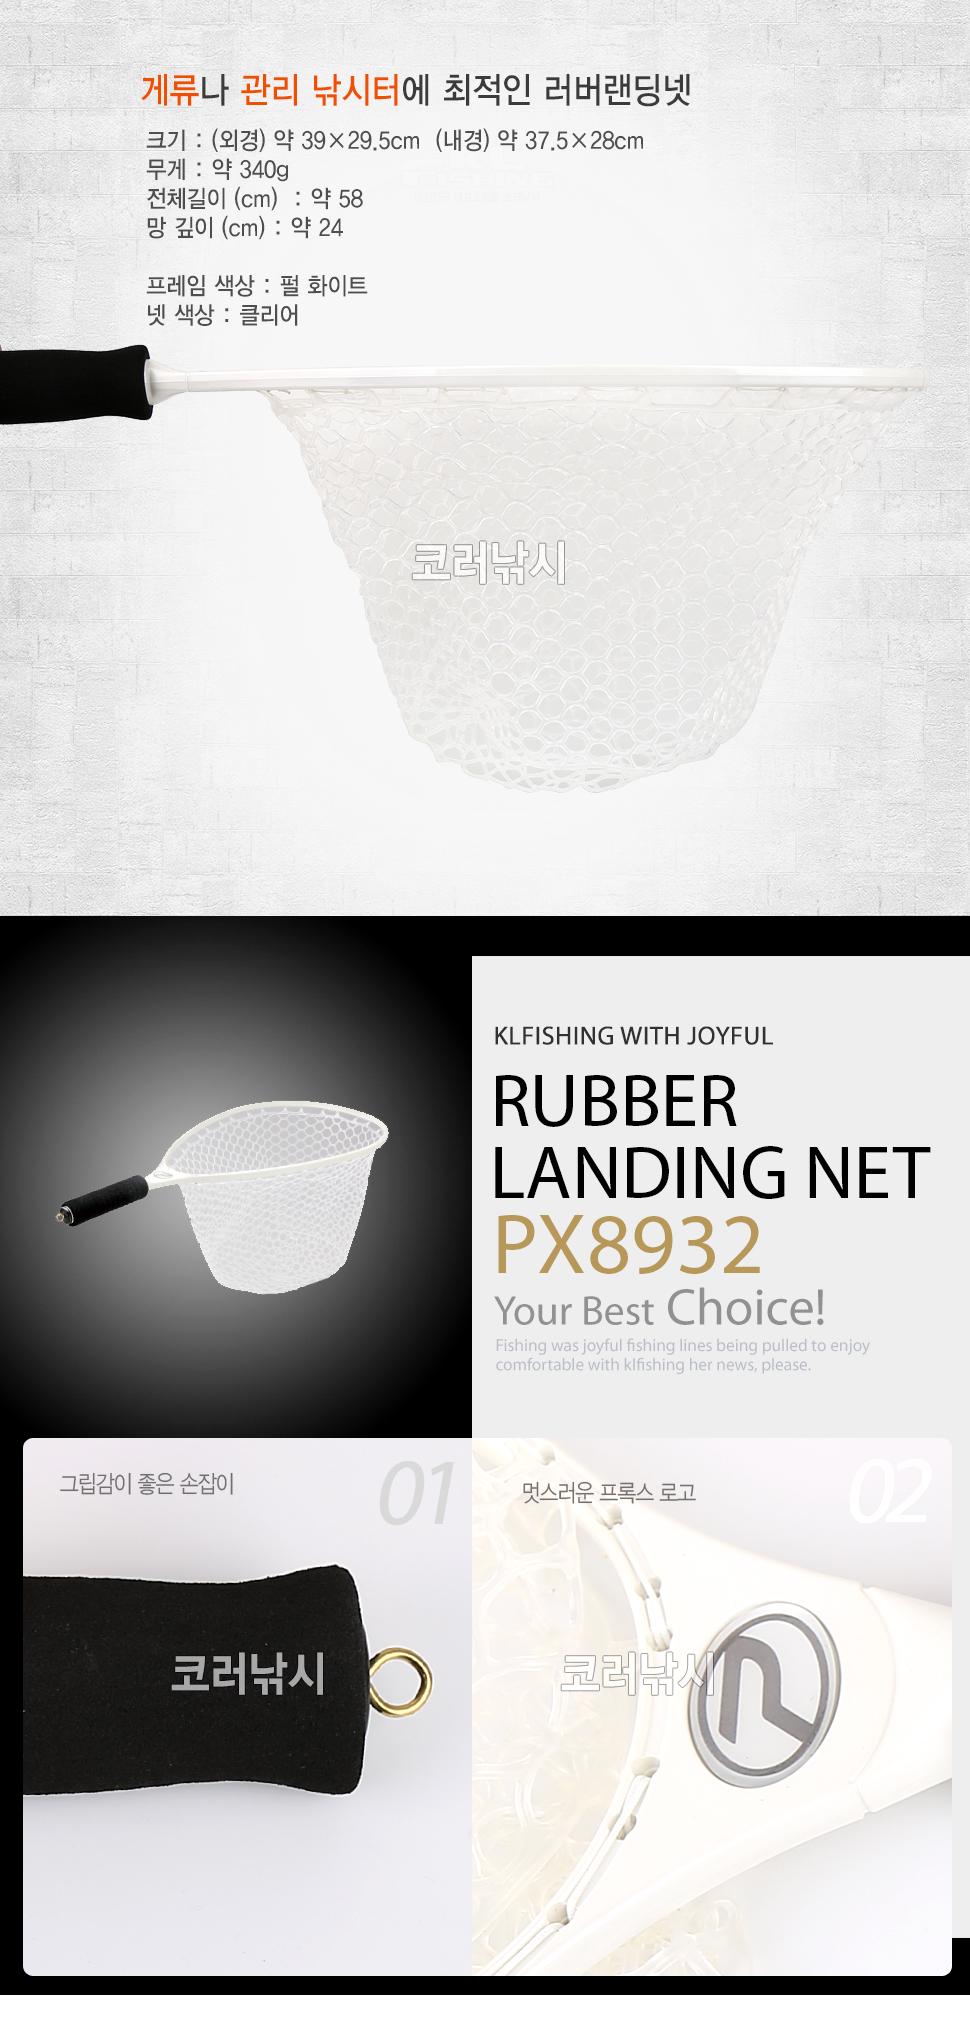 프록스 러버랜딩넷(RUBBER LANDING NET) (PX8932) 라바뜰채 루어뜰채 실리콘뜰채 eva손잡이 송어뜰채 계류뜰채 웨이딩뜰채 양어장뜰채